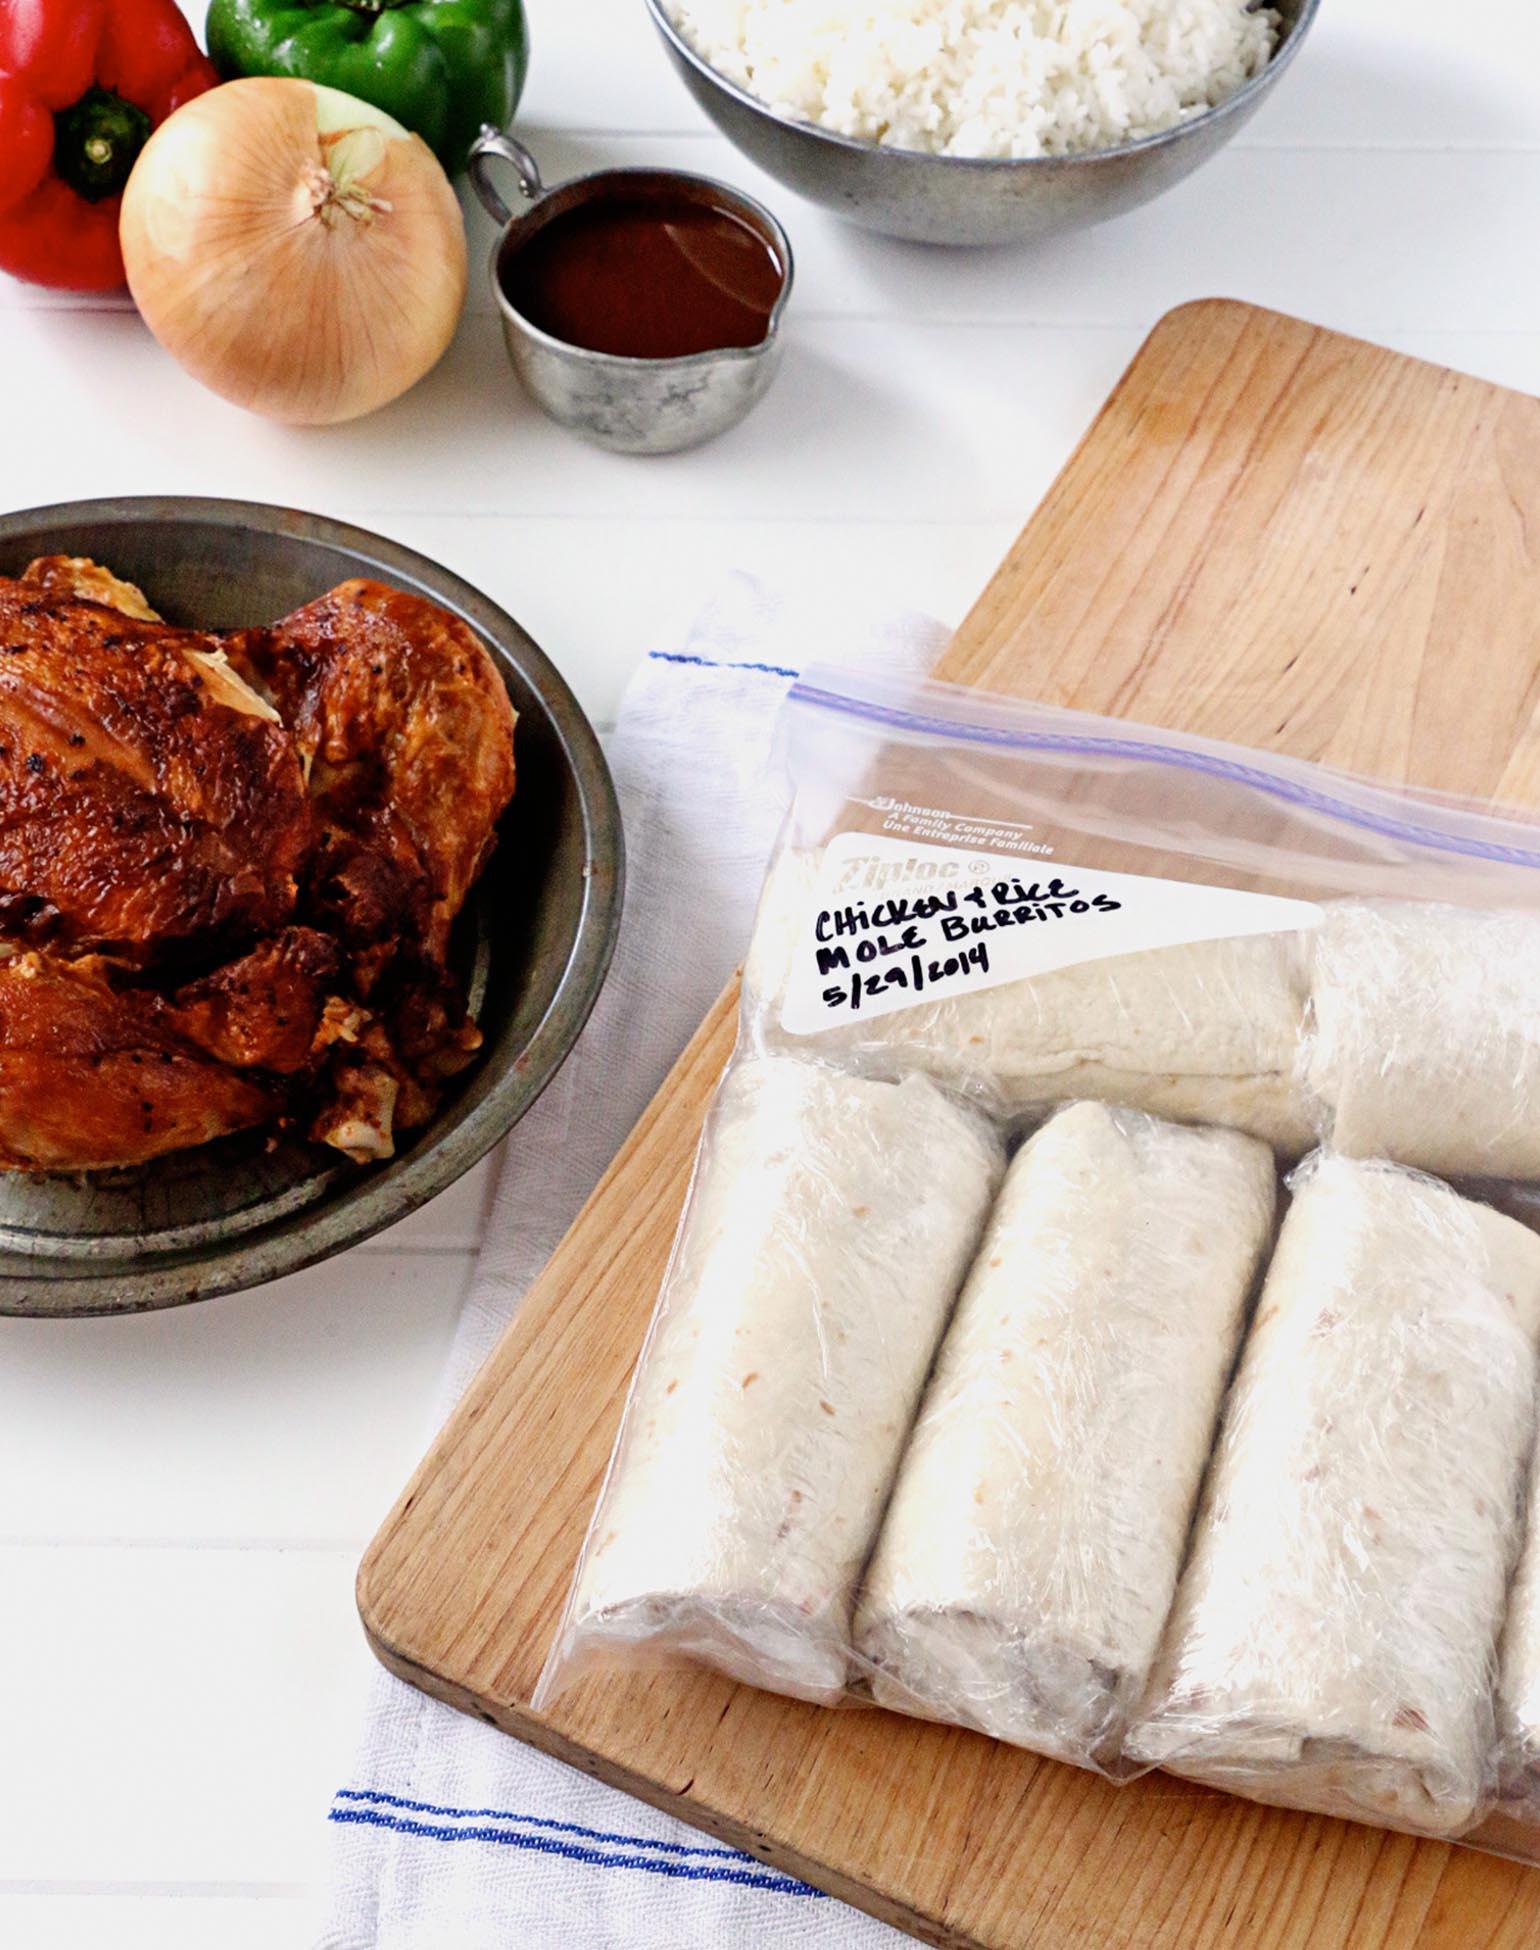 Warming-Up-To-Freezer-Meals-Ziploc-Brand